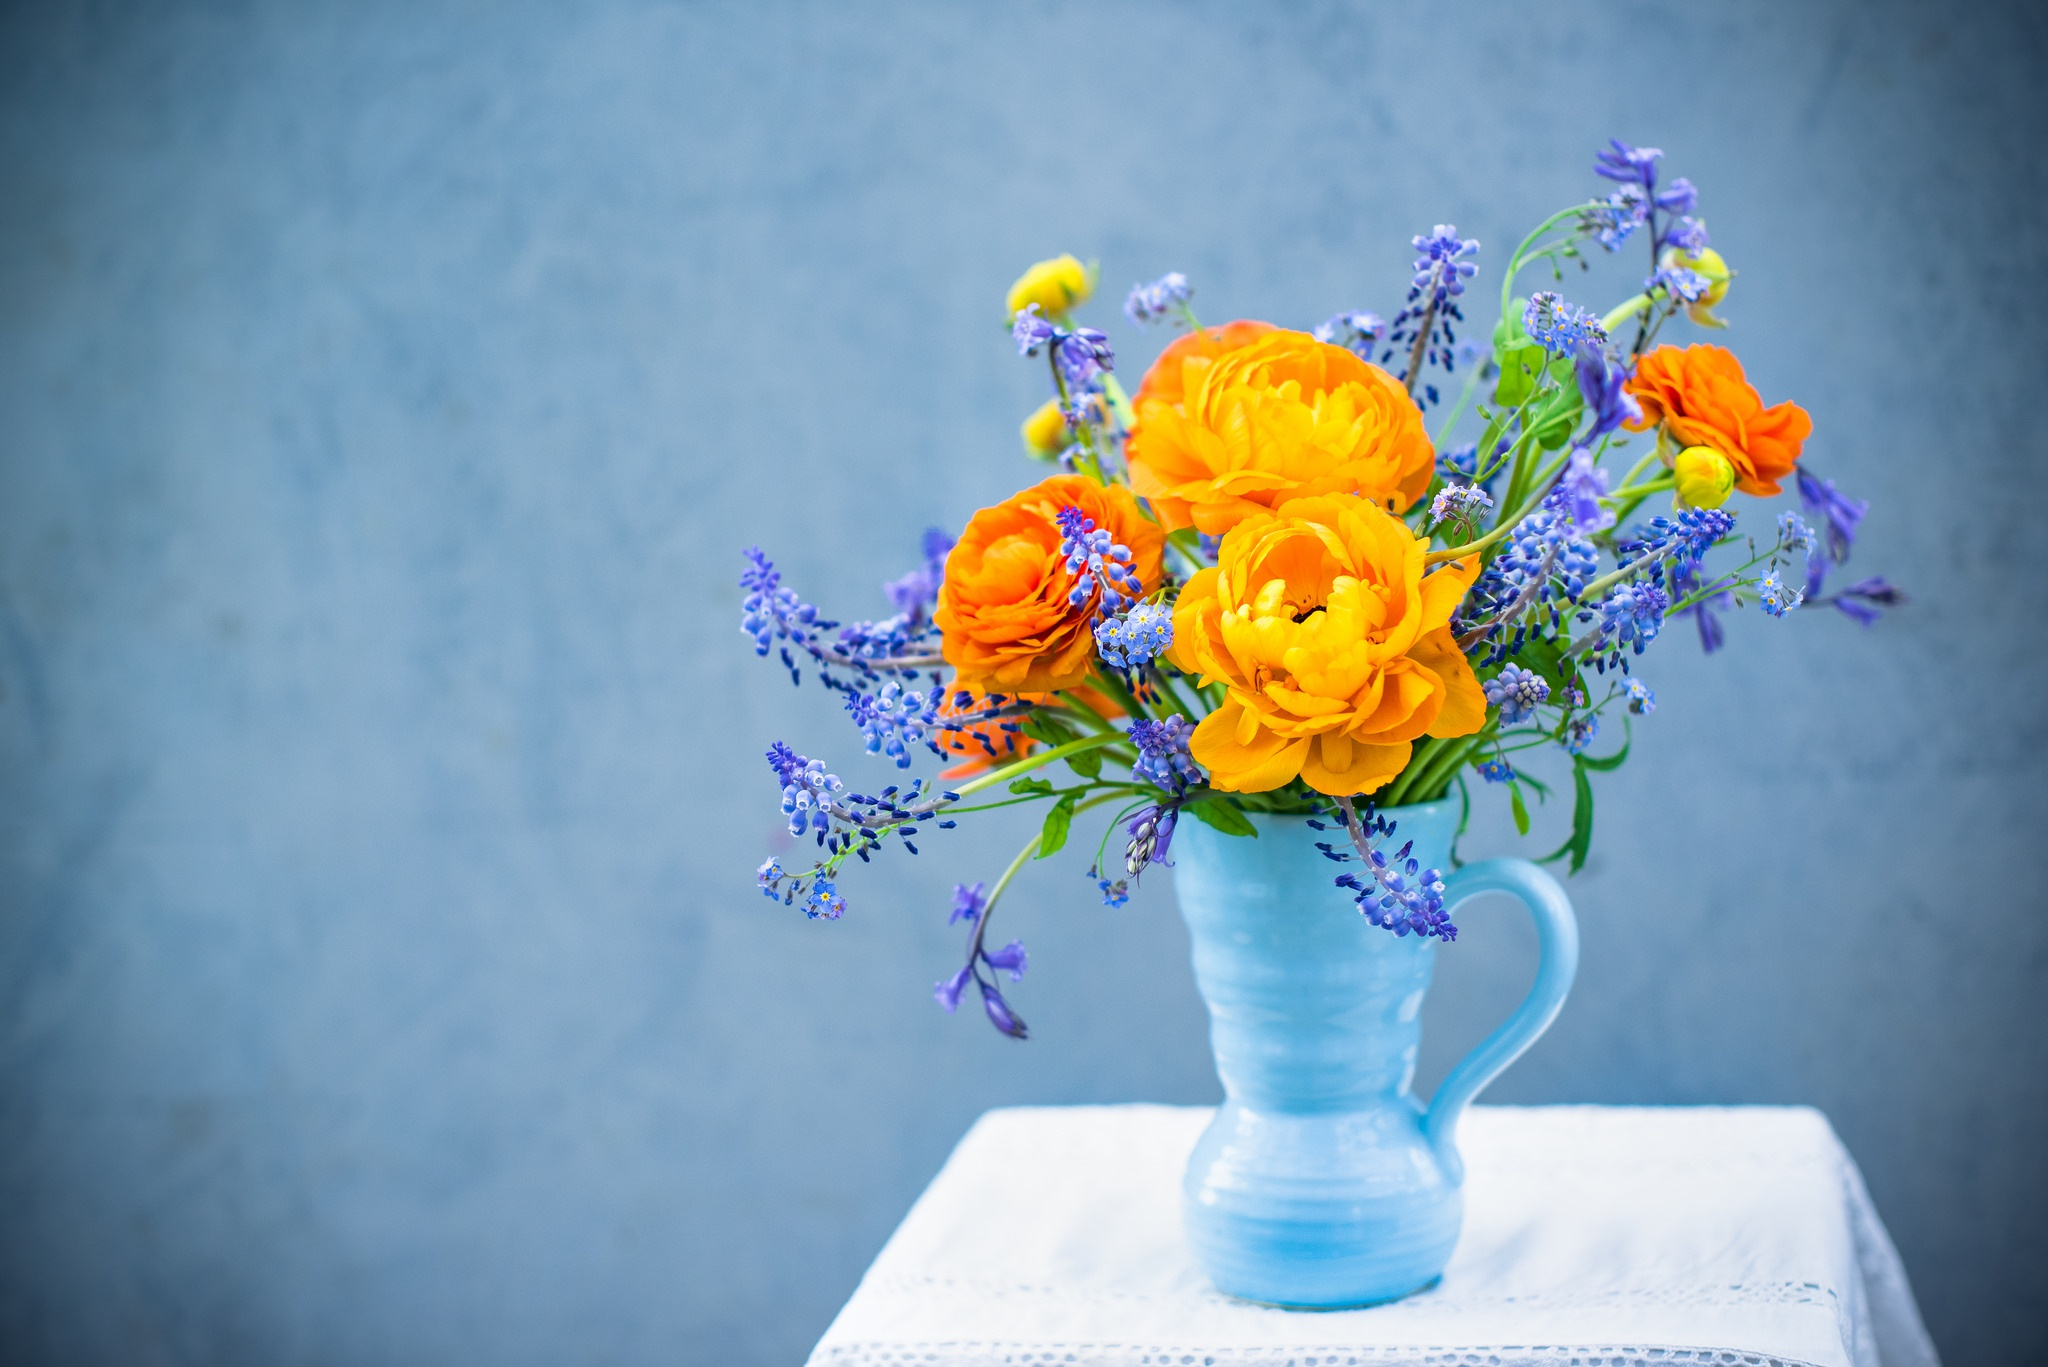 Обои на рабочий стол цветы букеты композиции